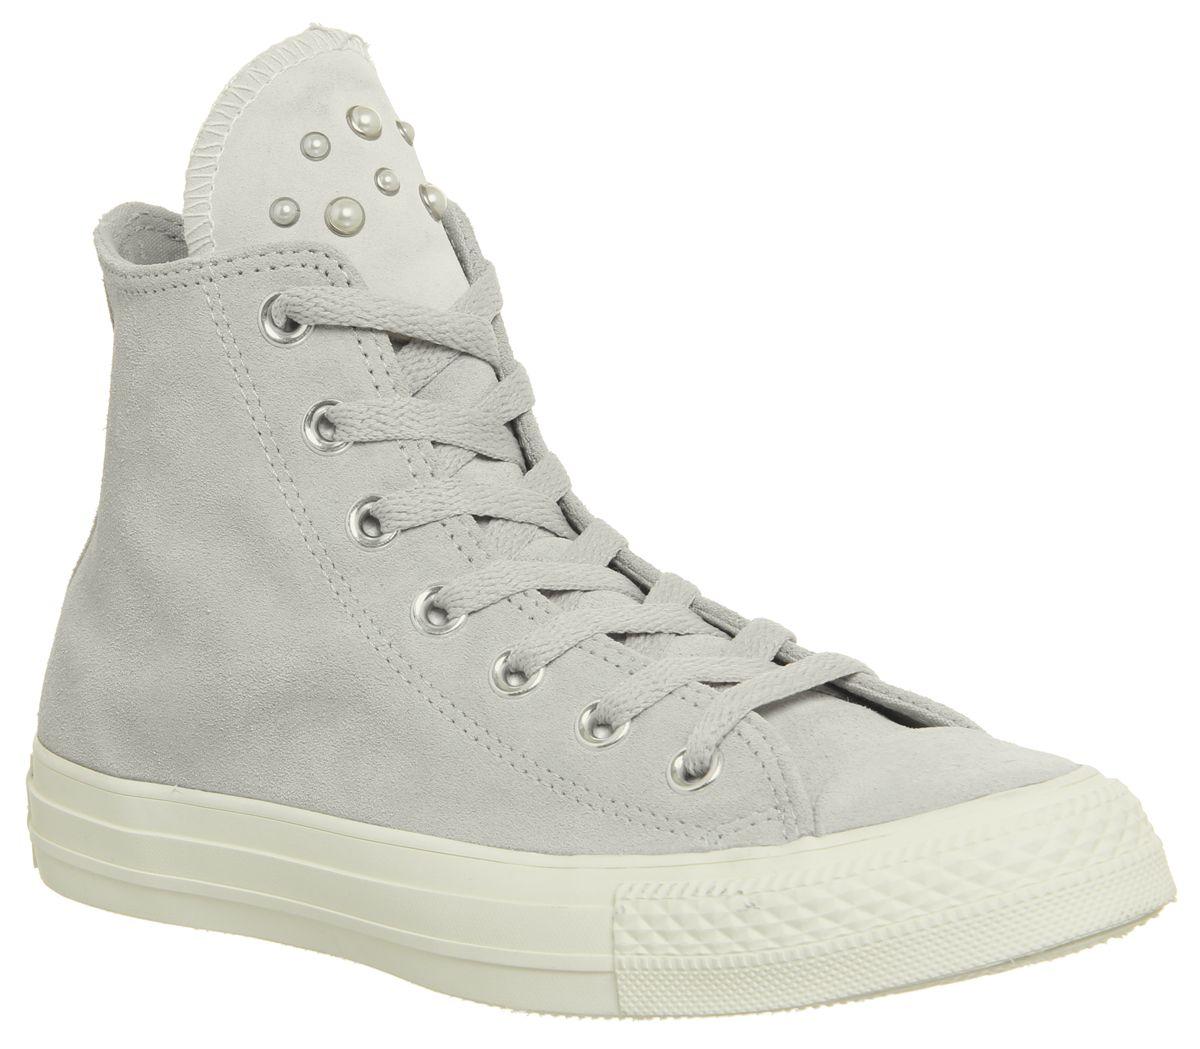 7fb77ed80a5a9 Détails sur Chaussures Femme Converse All Star Hi Cuir Ash Gris Egret Blush  Pearl Exclusive Trainer- afficher le titre d origine